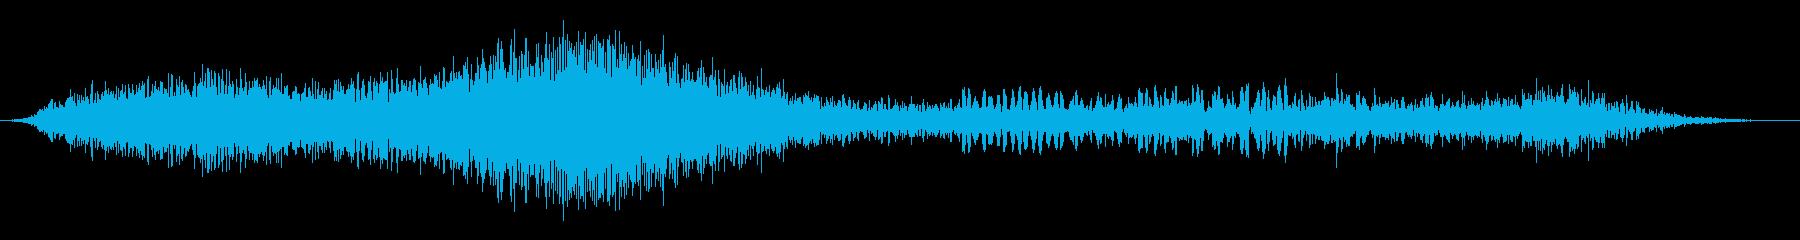 フェーズドオーバーヘッドジェットフ...の再生済みの波形